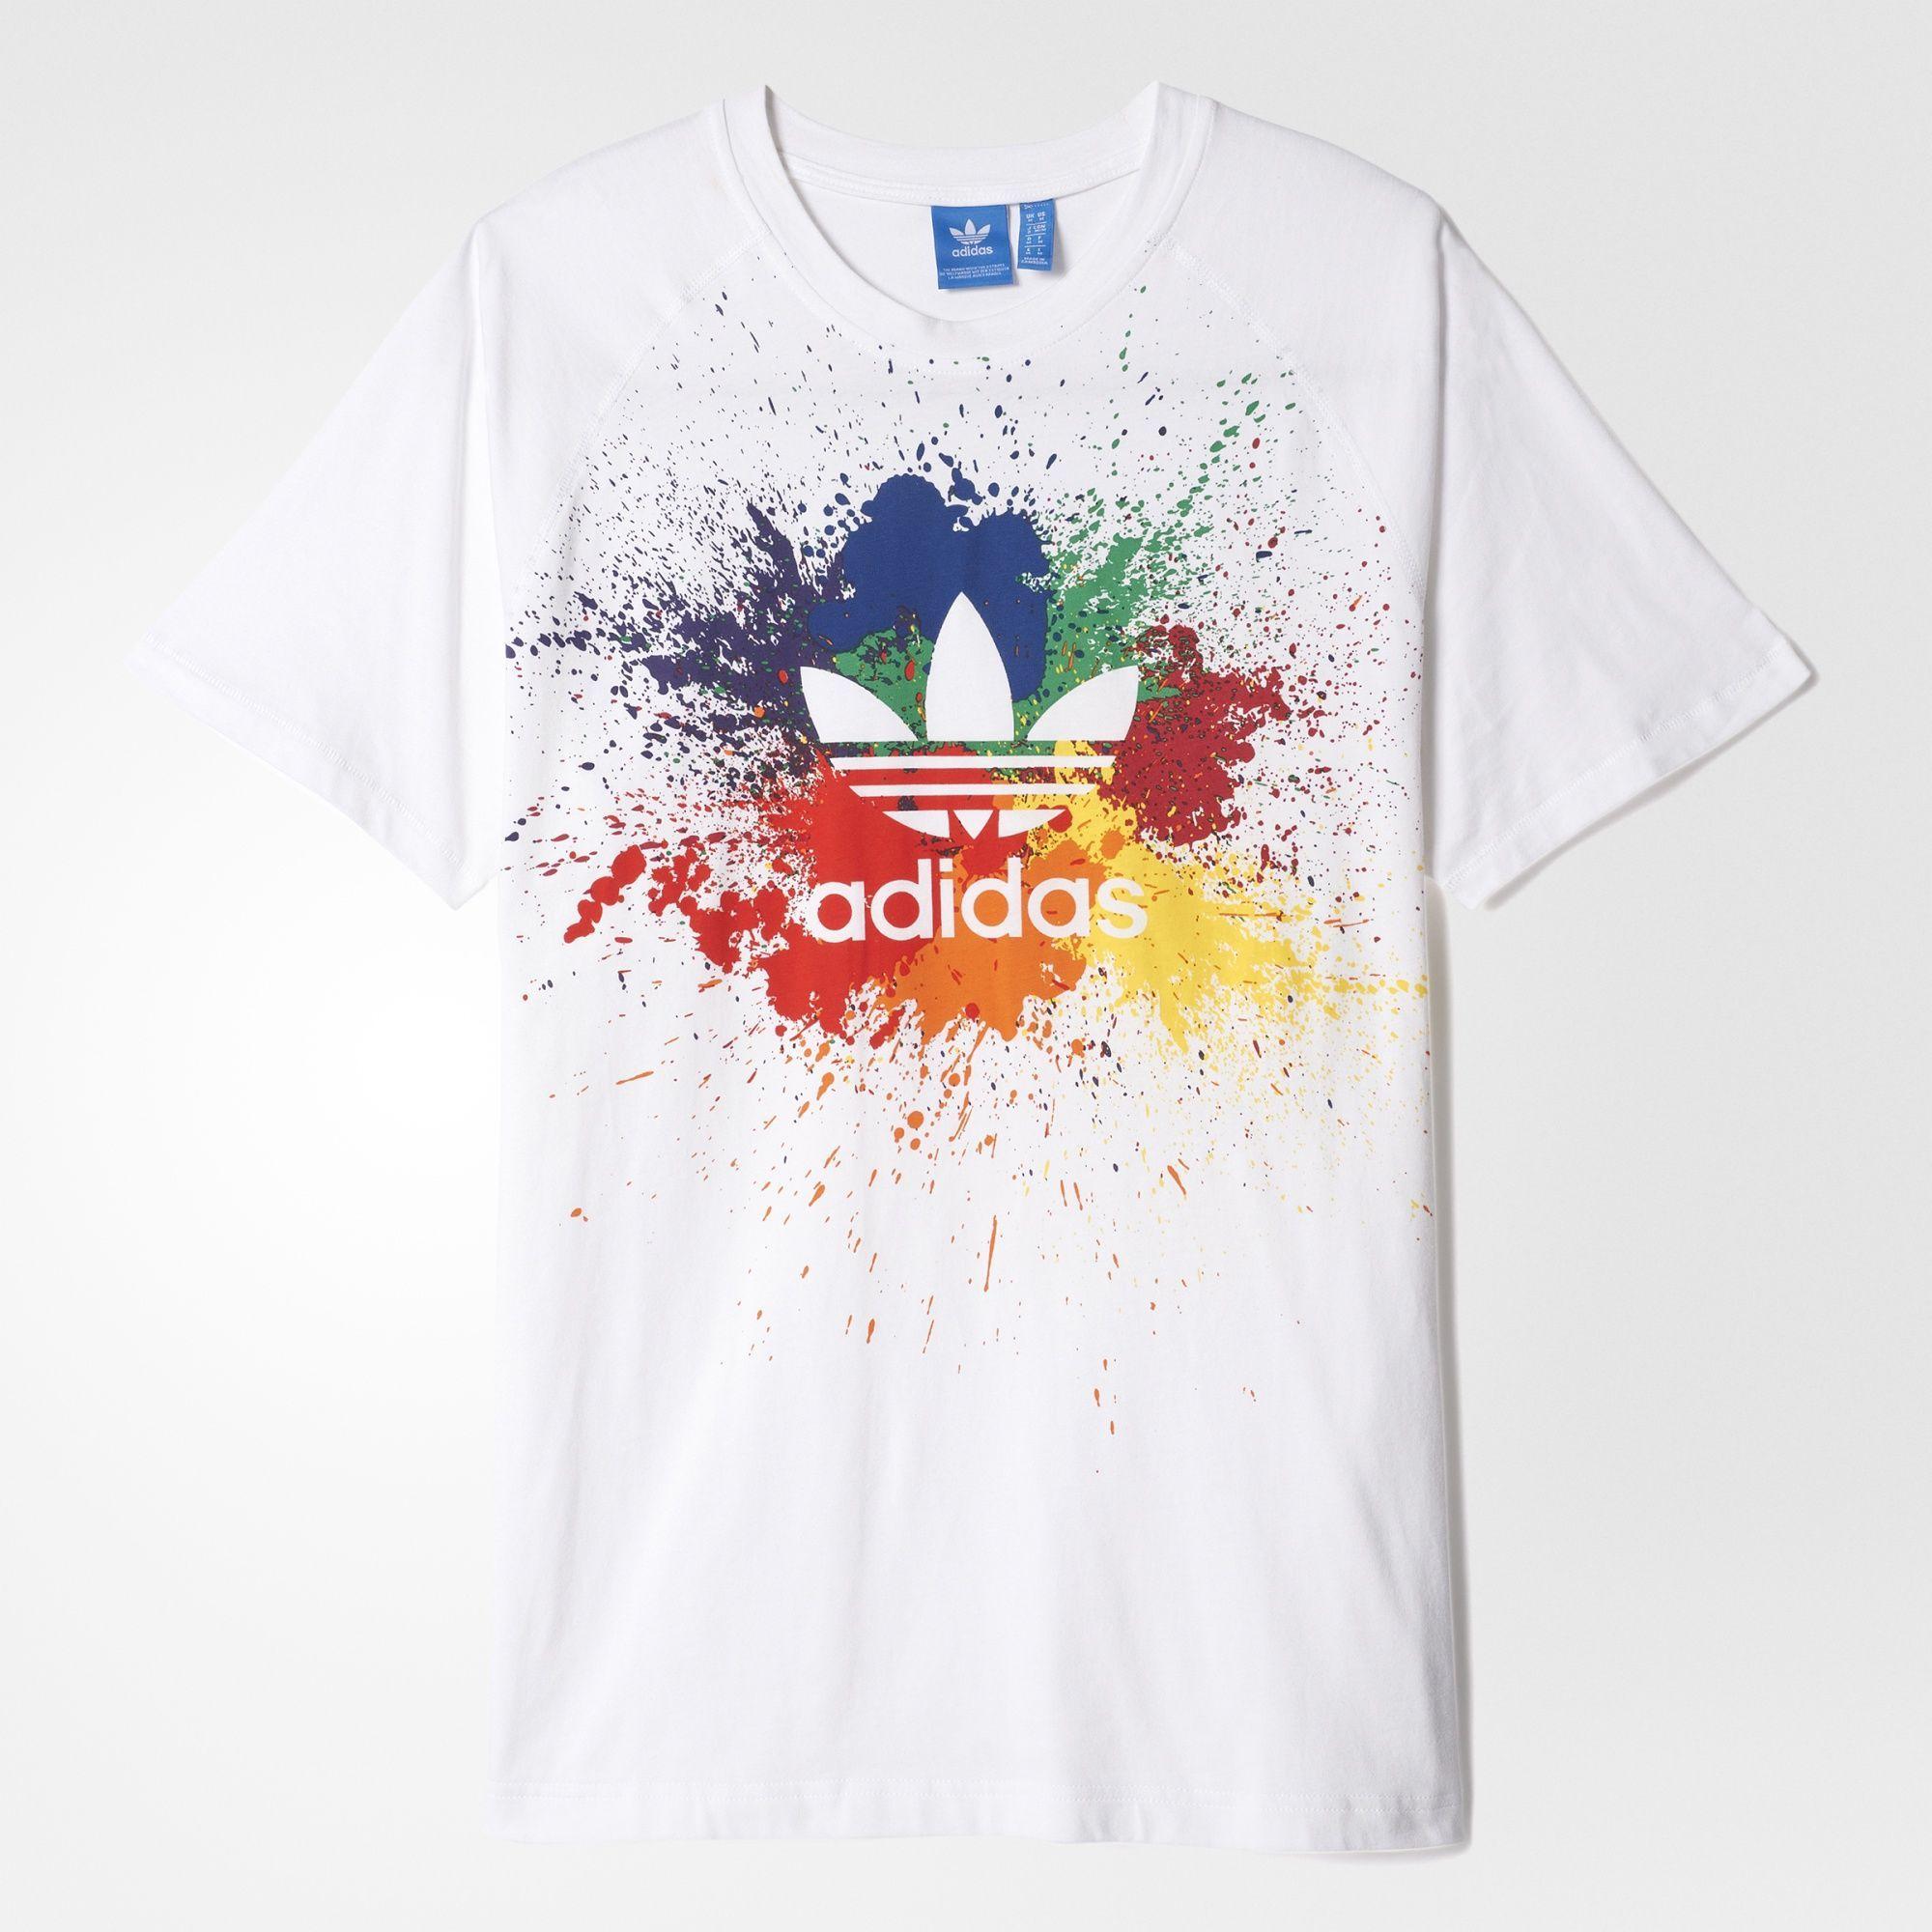 adidas - LGBT Tee Polo Hombre 6a601e206bf